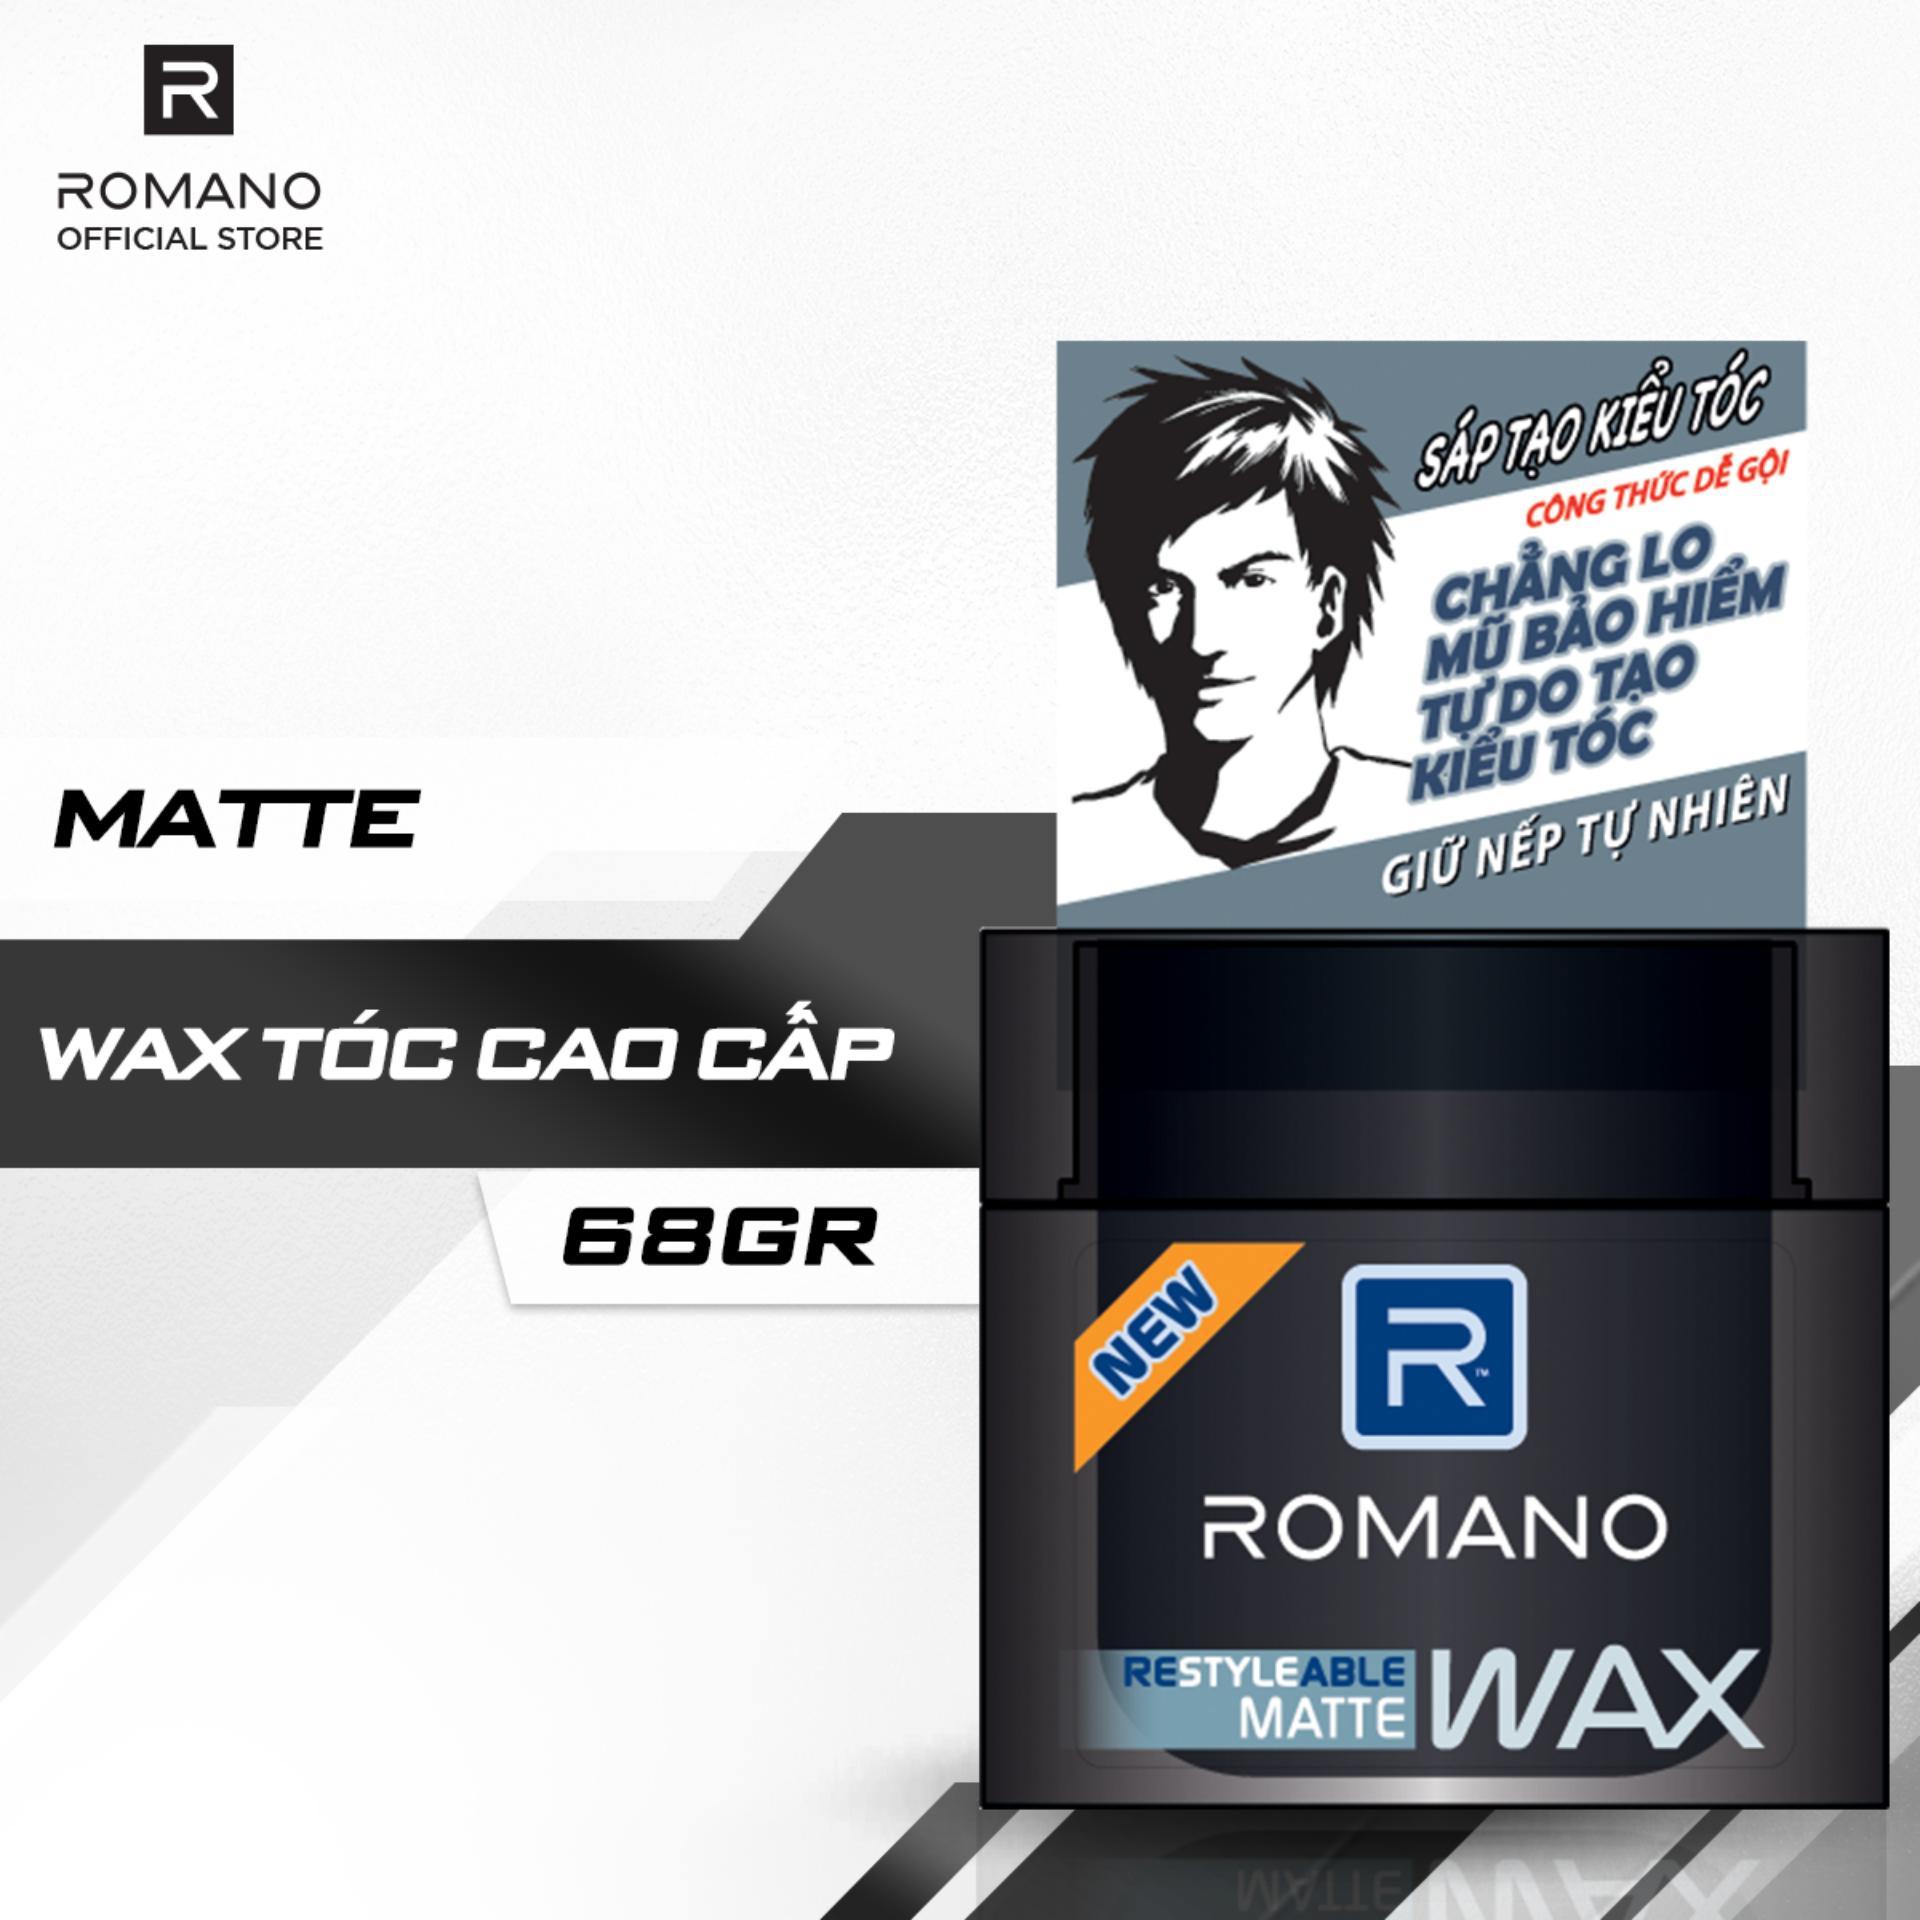 Sáp tạo kiểu tóc Romano Restyleable Matte 68g nhập khẩu